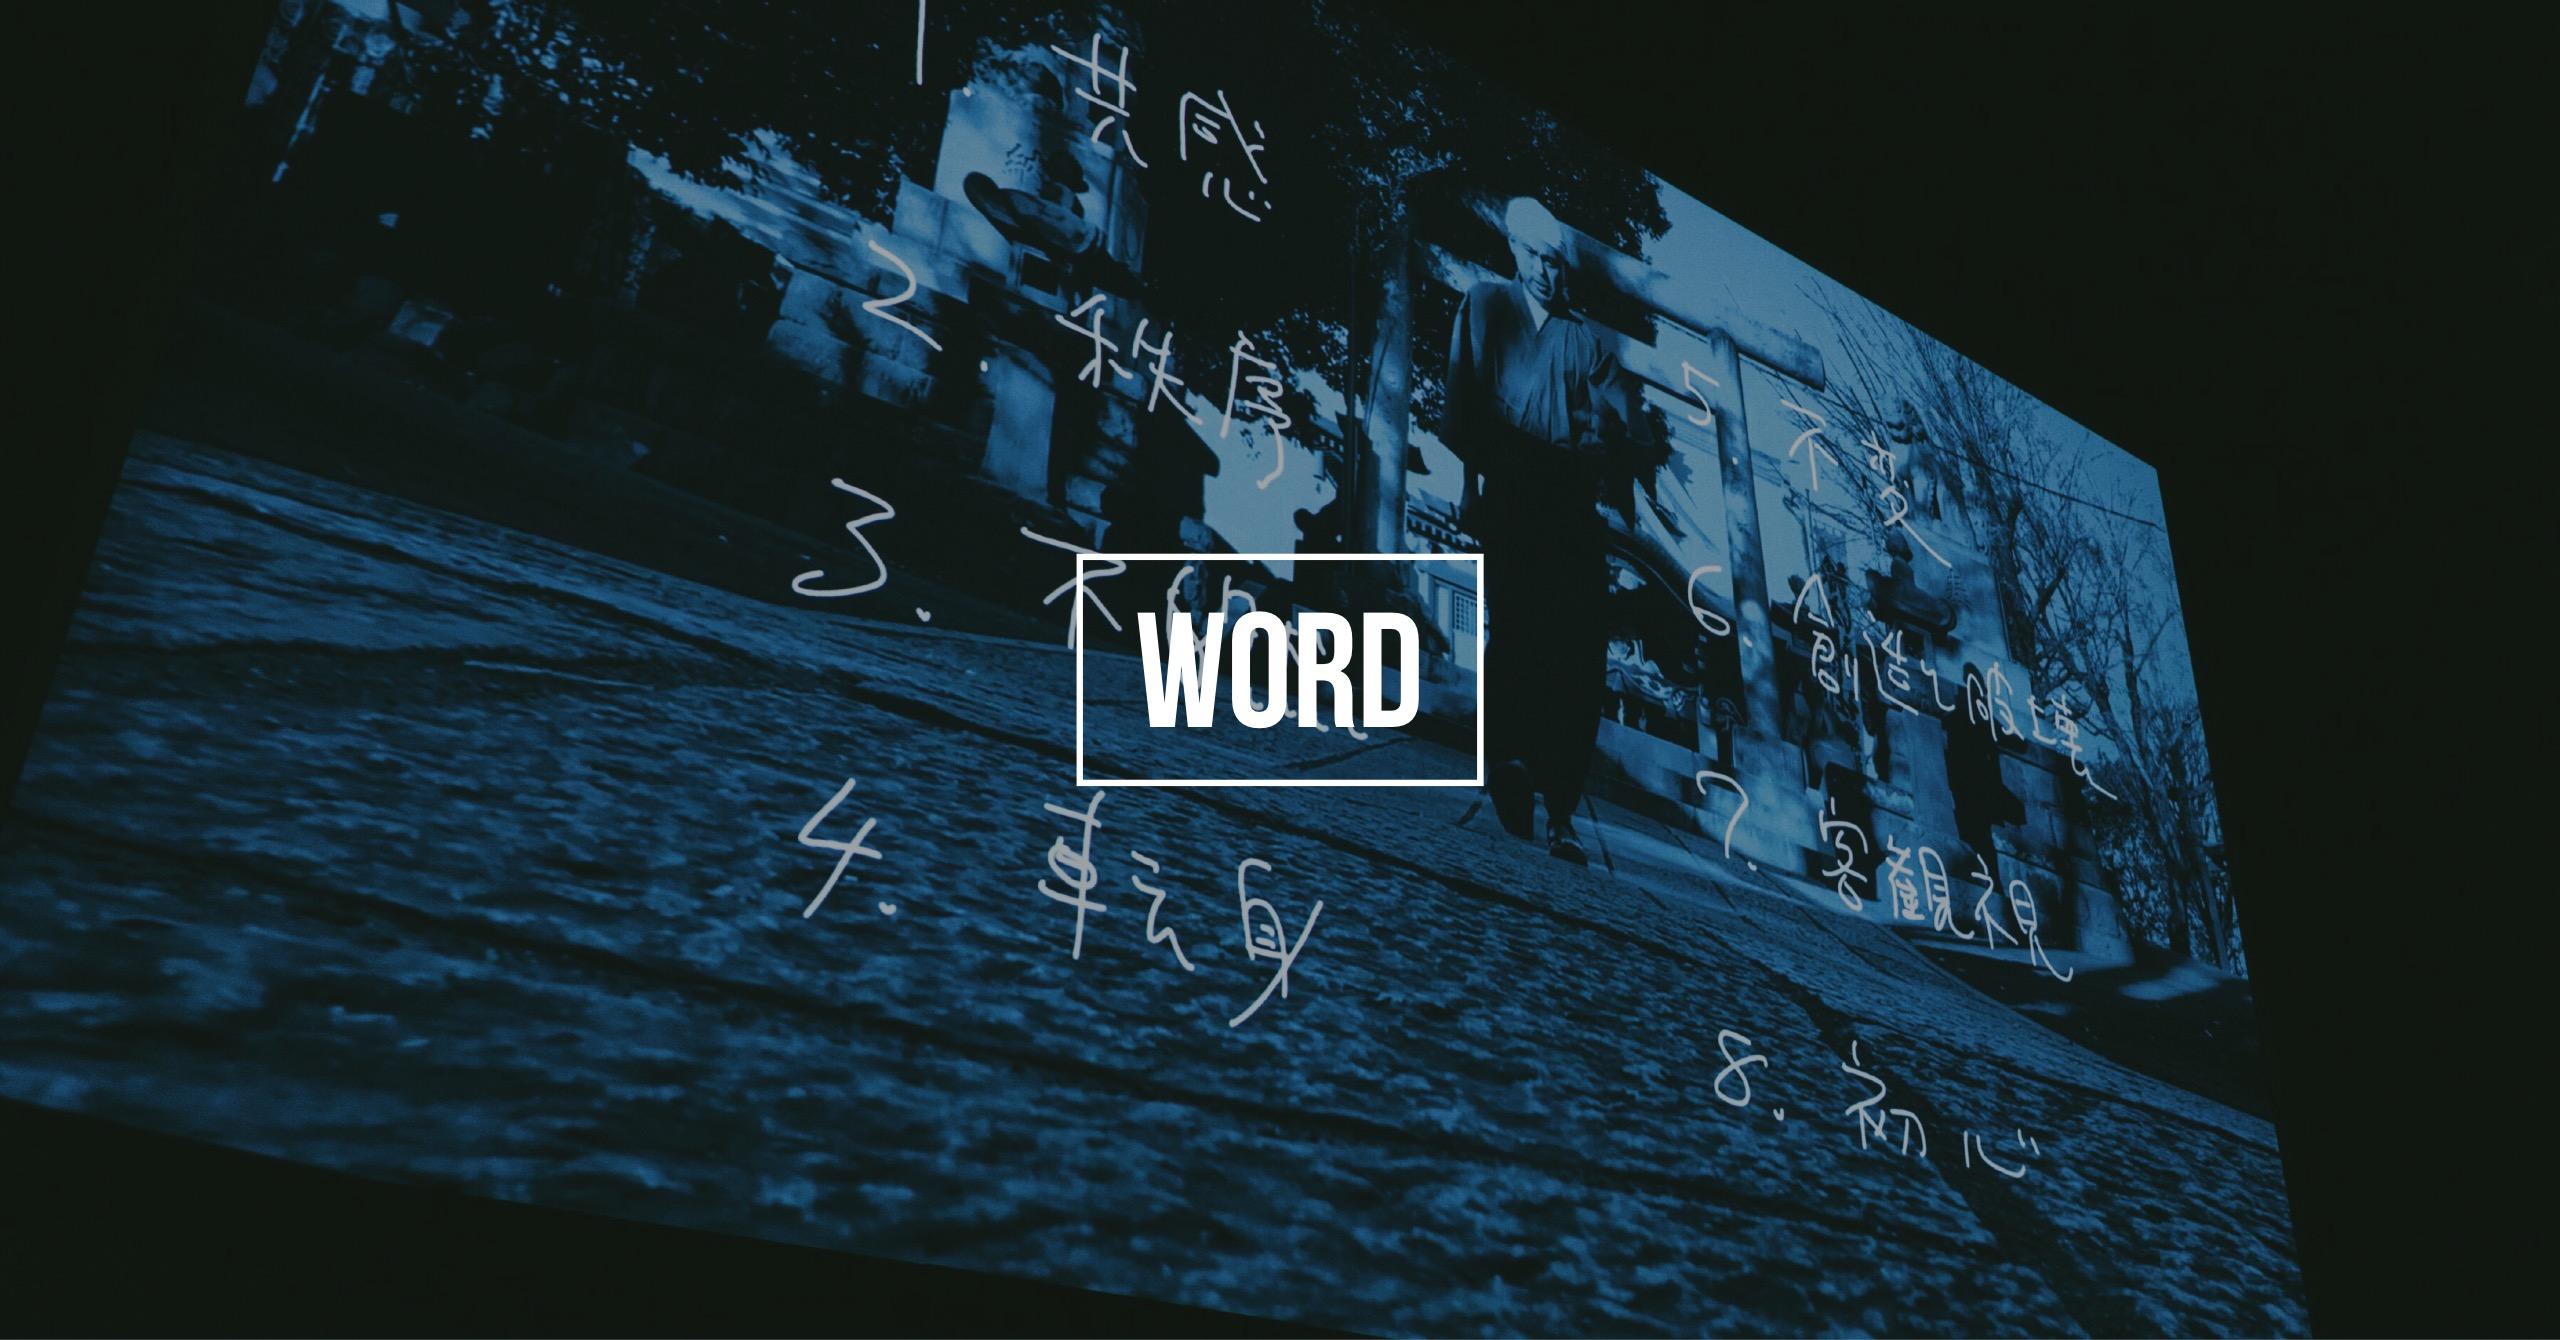 スクリーン「Word」